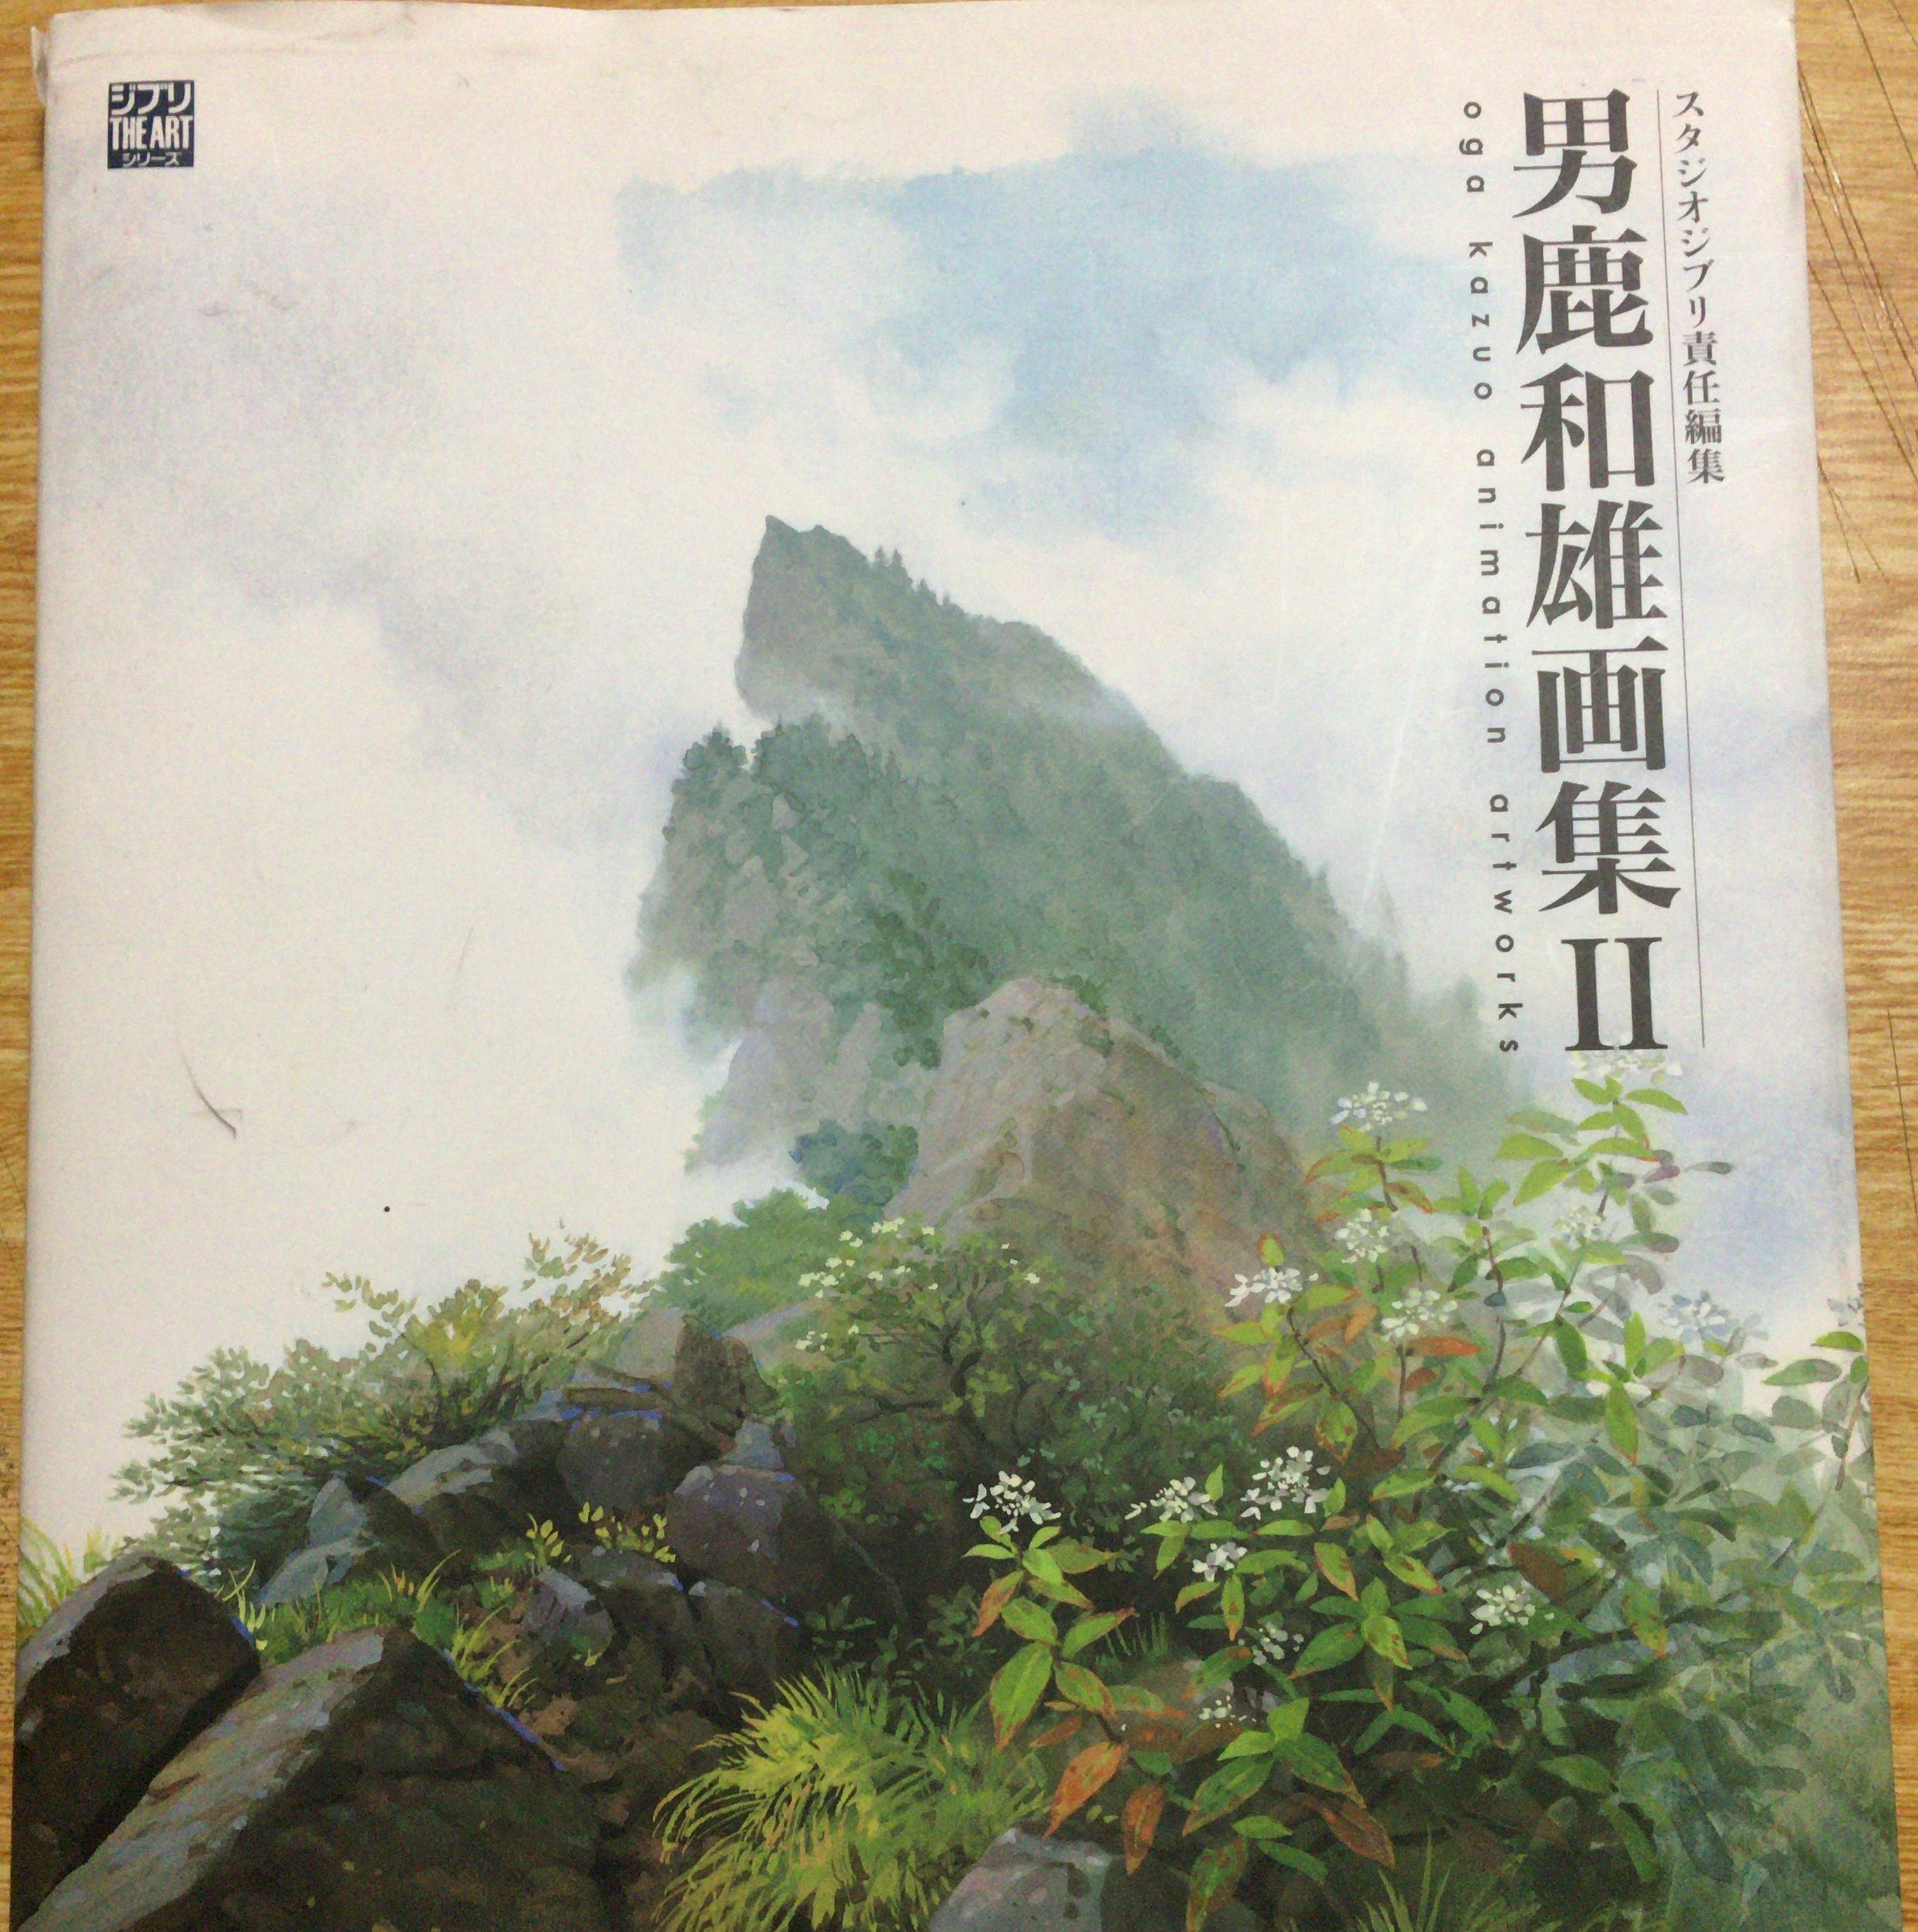 風景画の描き方を学べる!ジブリ背景画集「男鹿和雄画集Ⅱ